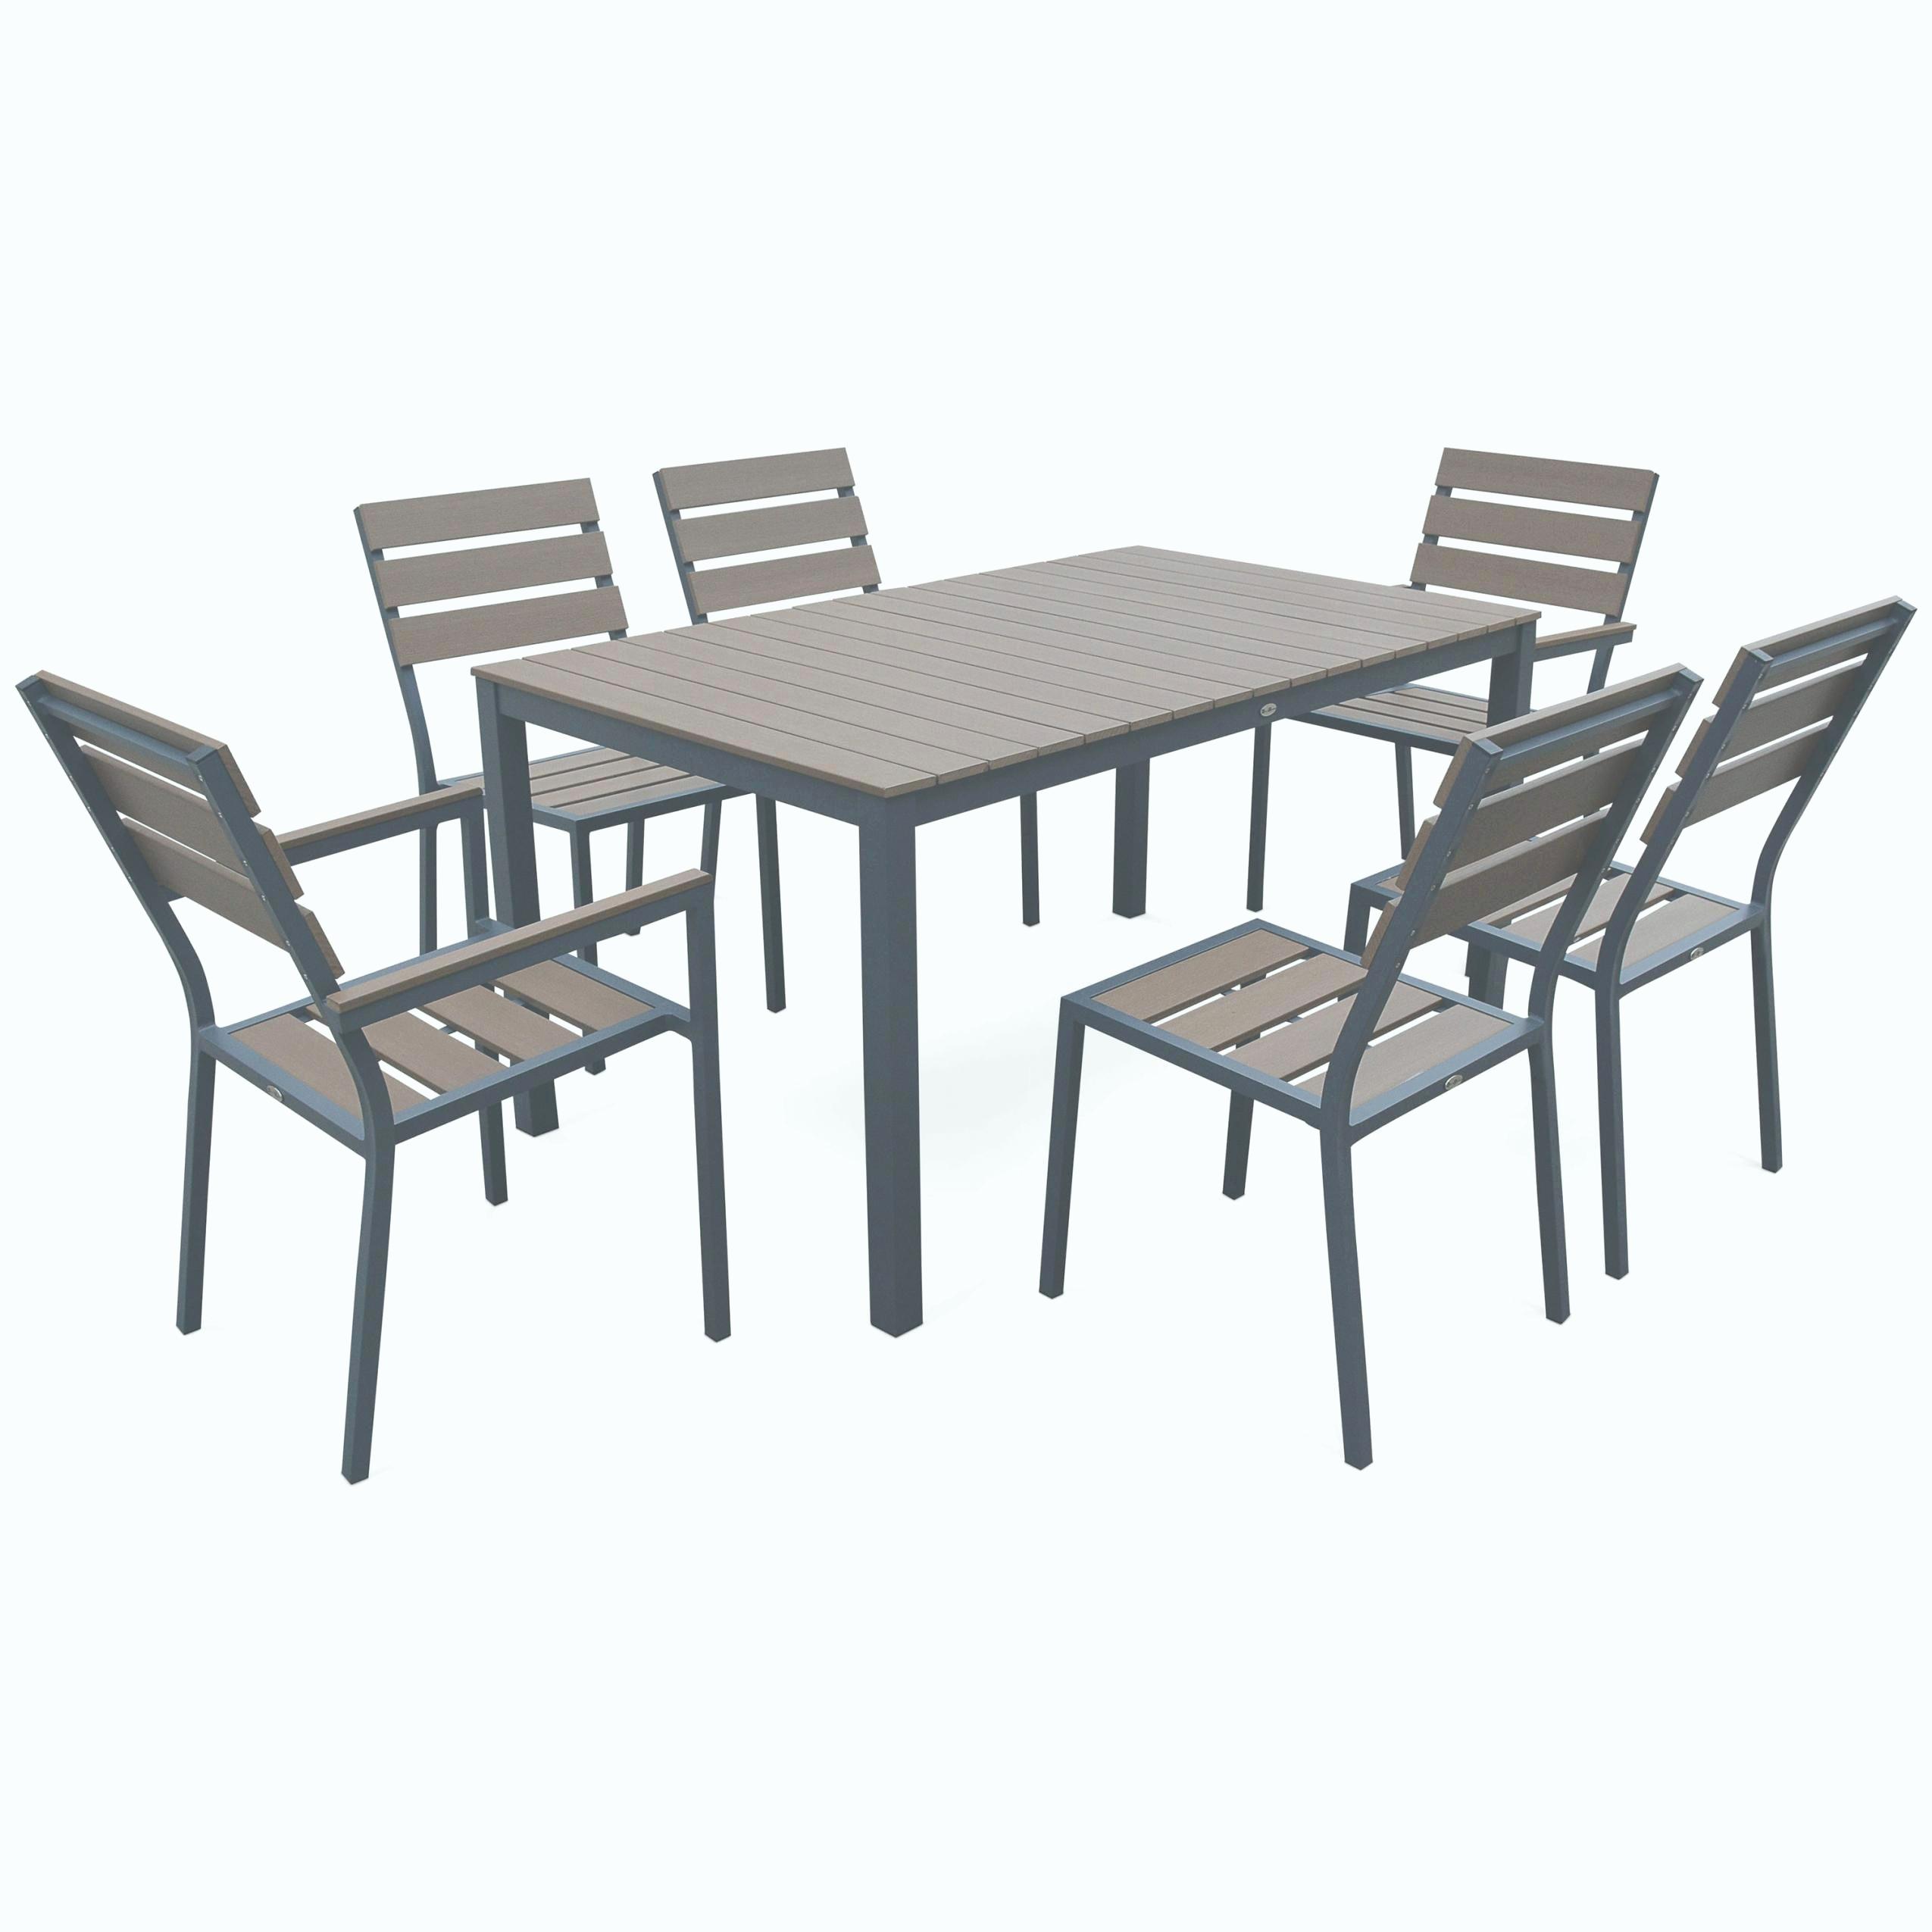 mobilier jardin castorama luxe table jardin castorama best table de jardin castorama new housse of mobilier jardin castorama